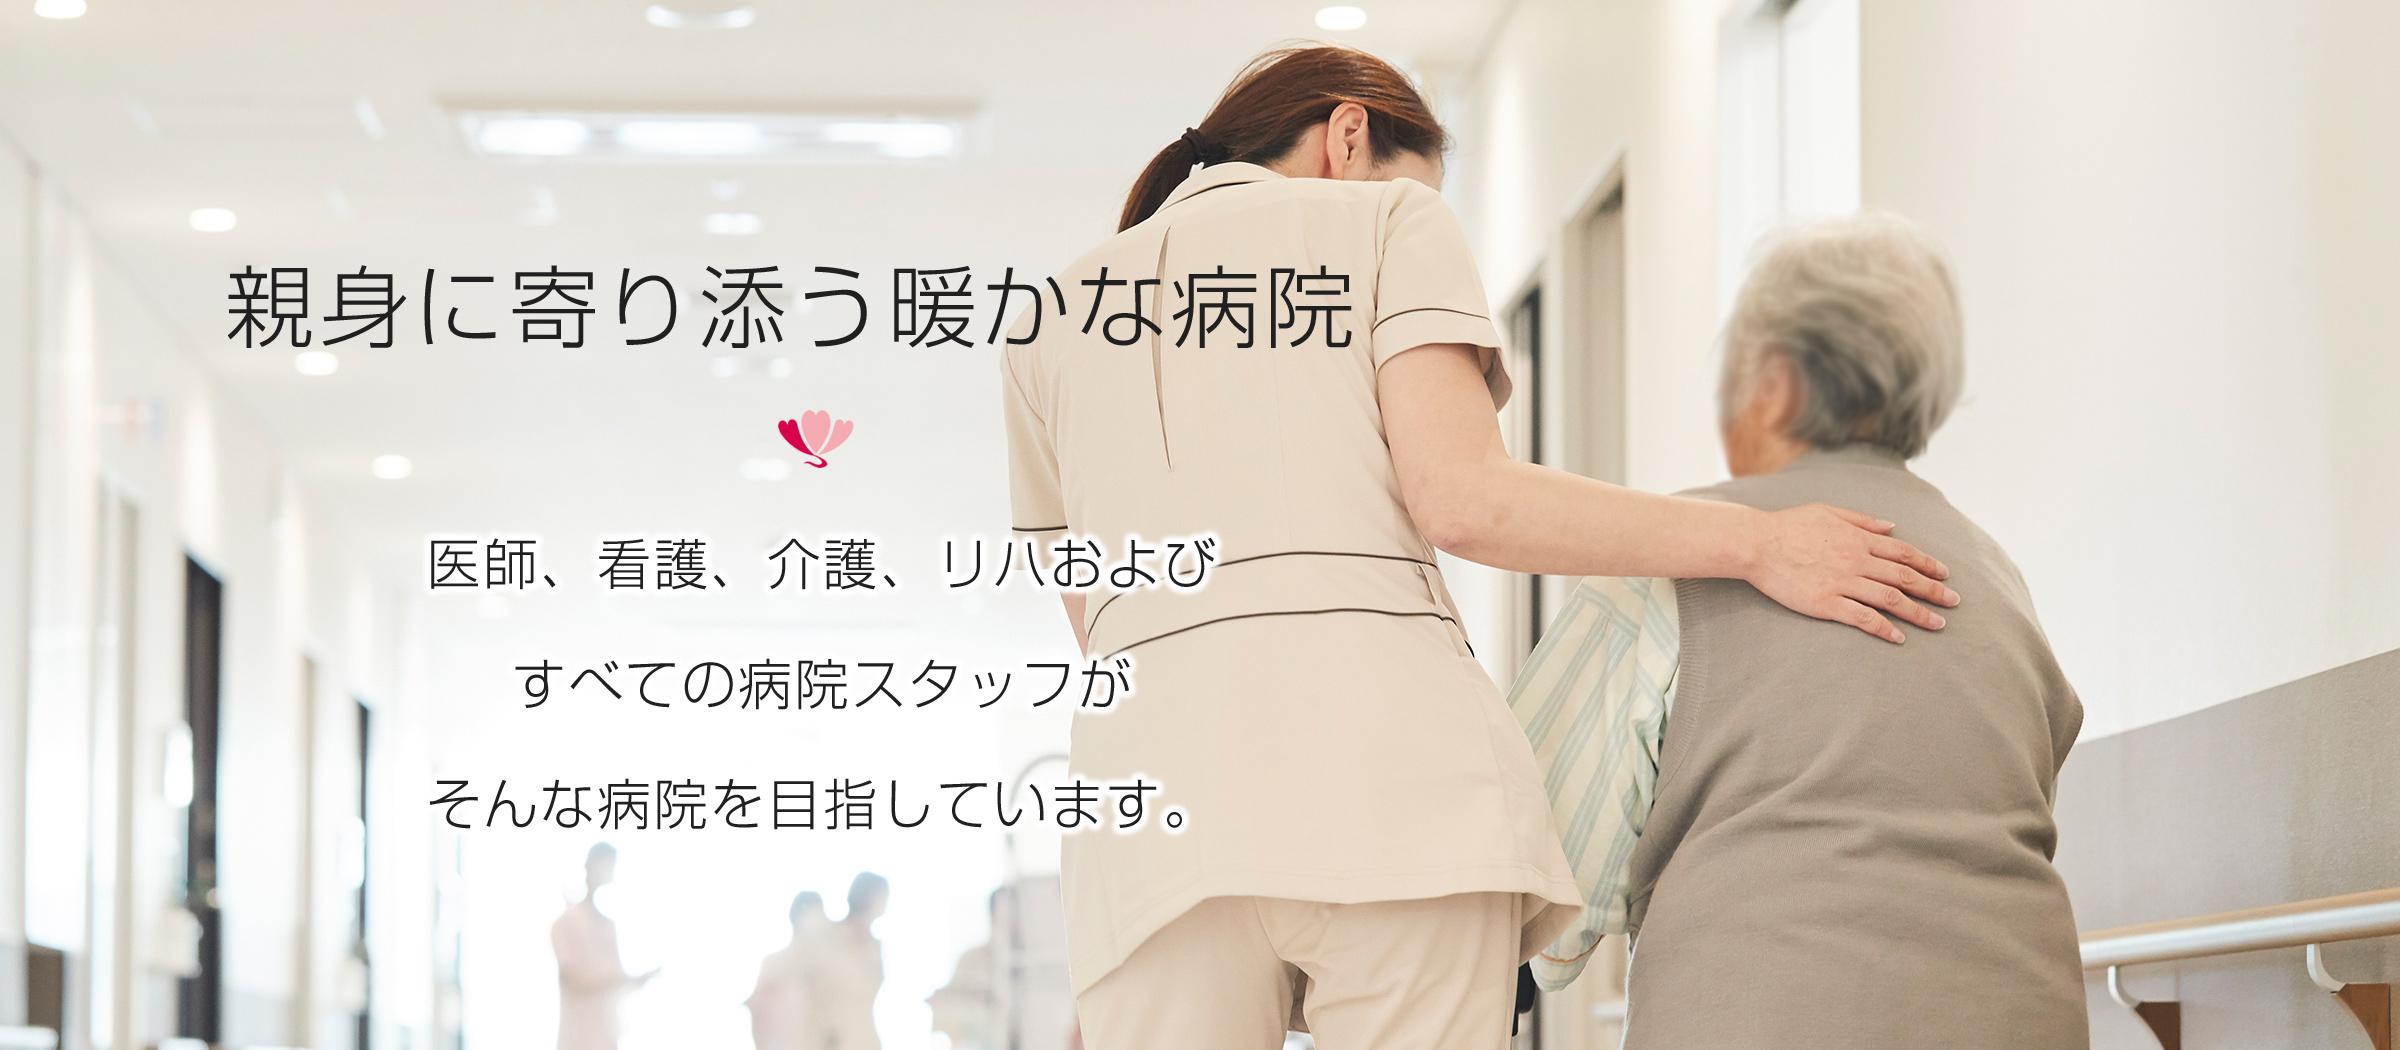 徳山病院 看護風景